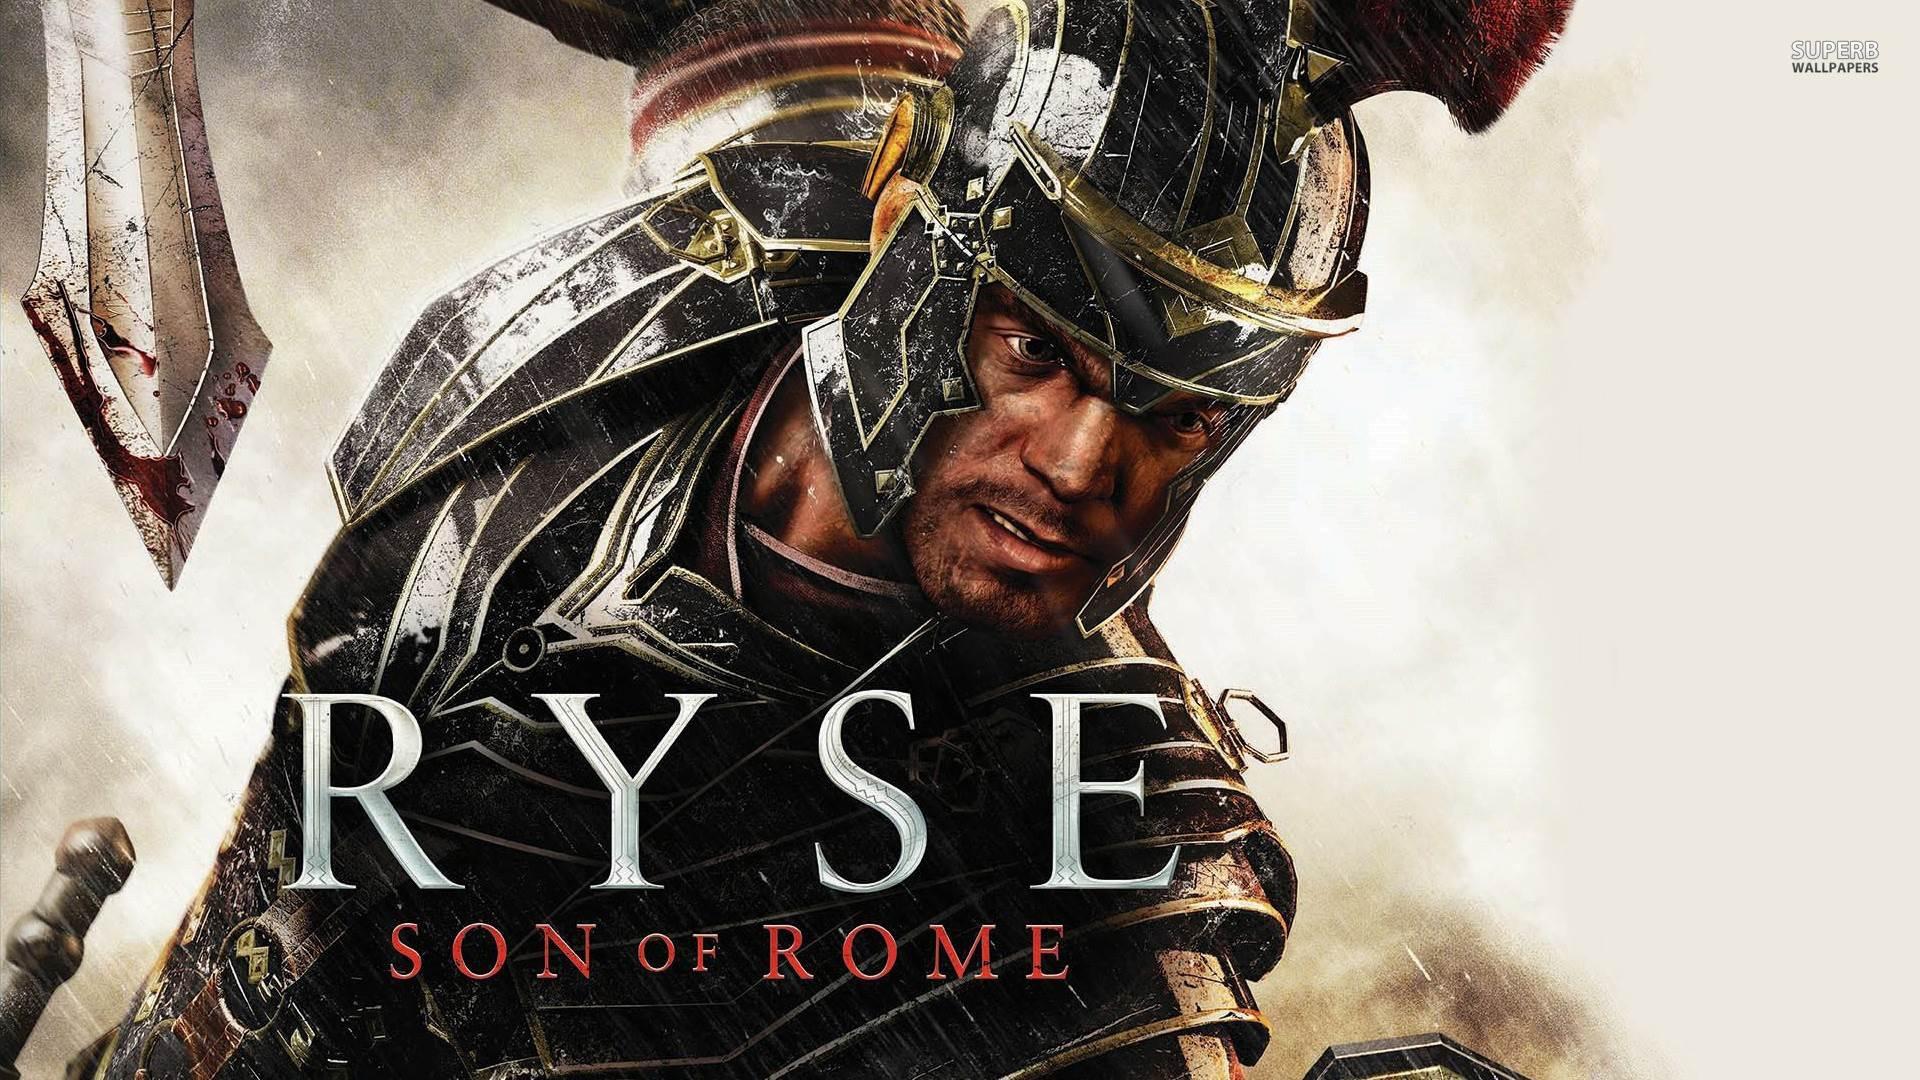 ryse-son-of-rome-wallpaper.jpg